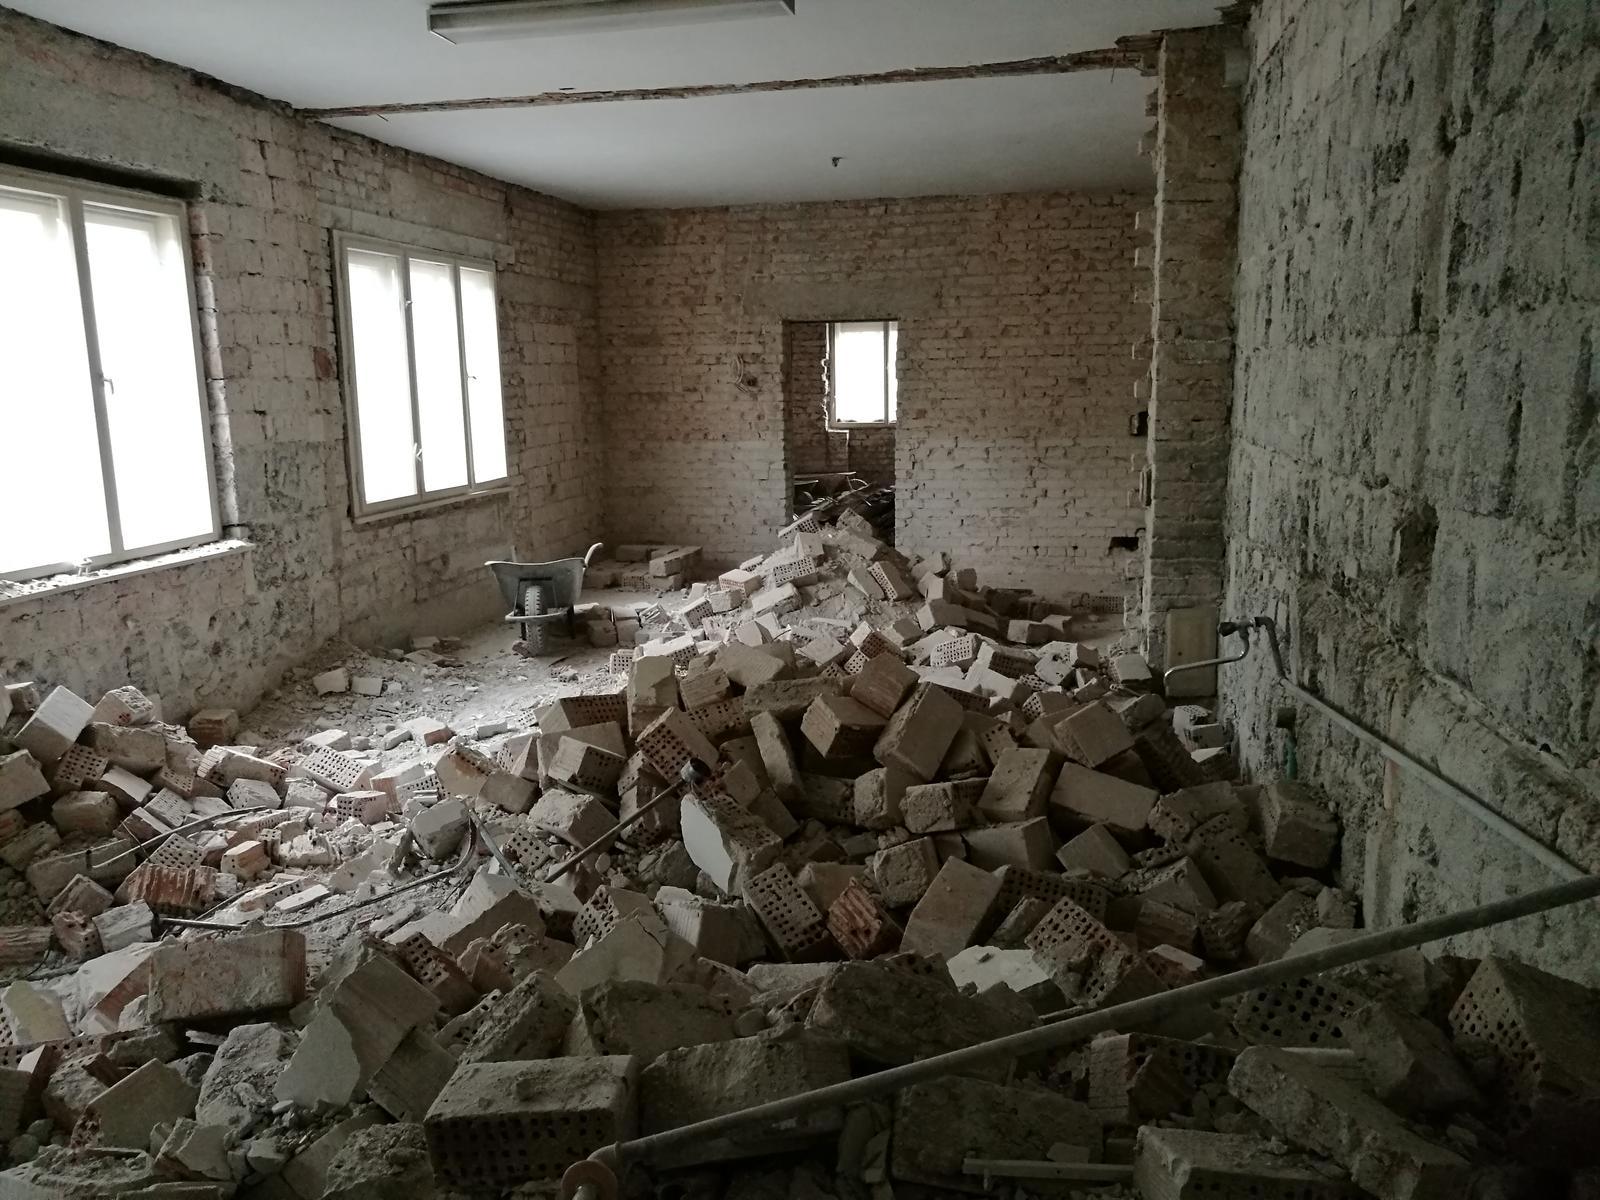 Náš budúci domov - rekonštrukcia rodinného domu - Ďalšia miestnosť na vypratávanie, tu nás ešte čakajú stropy.